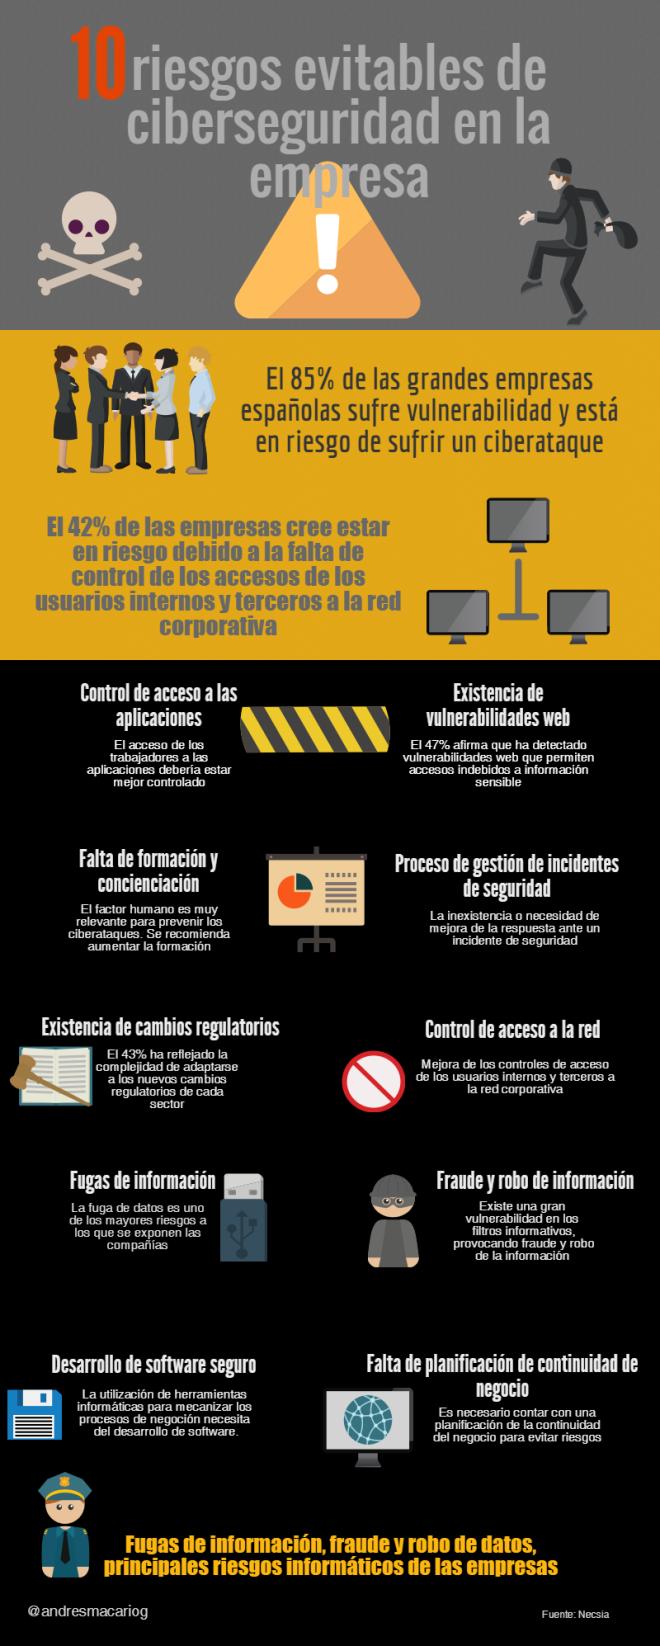 10 riesgos evitables de ciberseguridad en la empresa